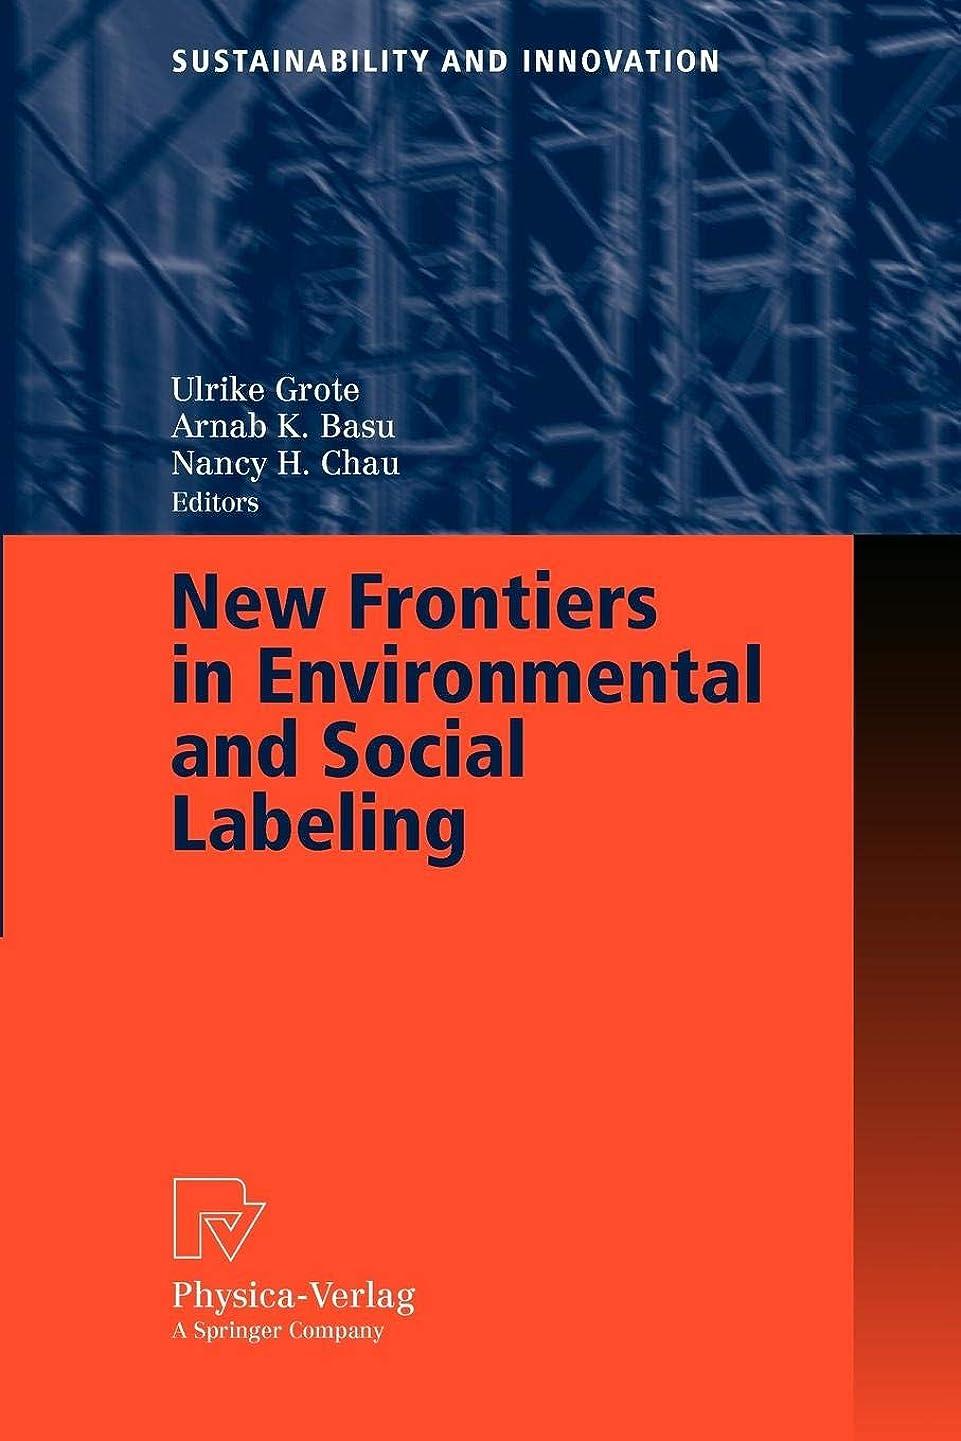 栄養見込み郵便物New Frontiers in Environmental and Social Labeling (Sustainability and Innovation)